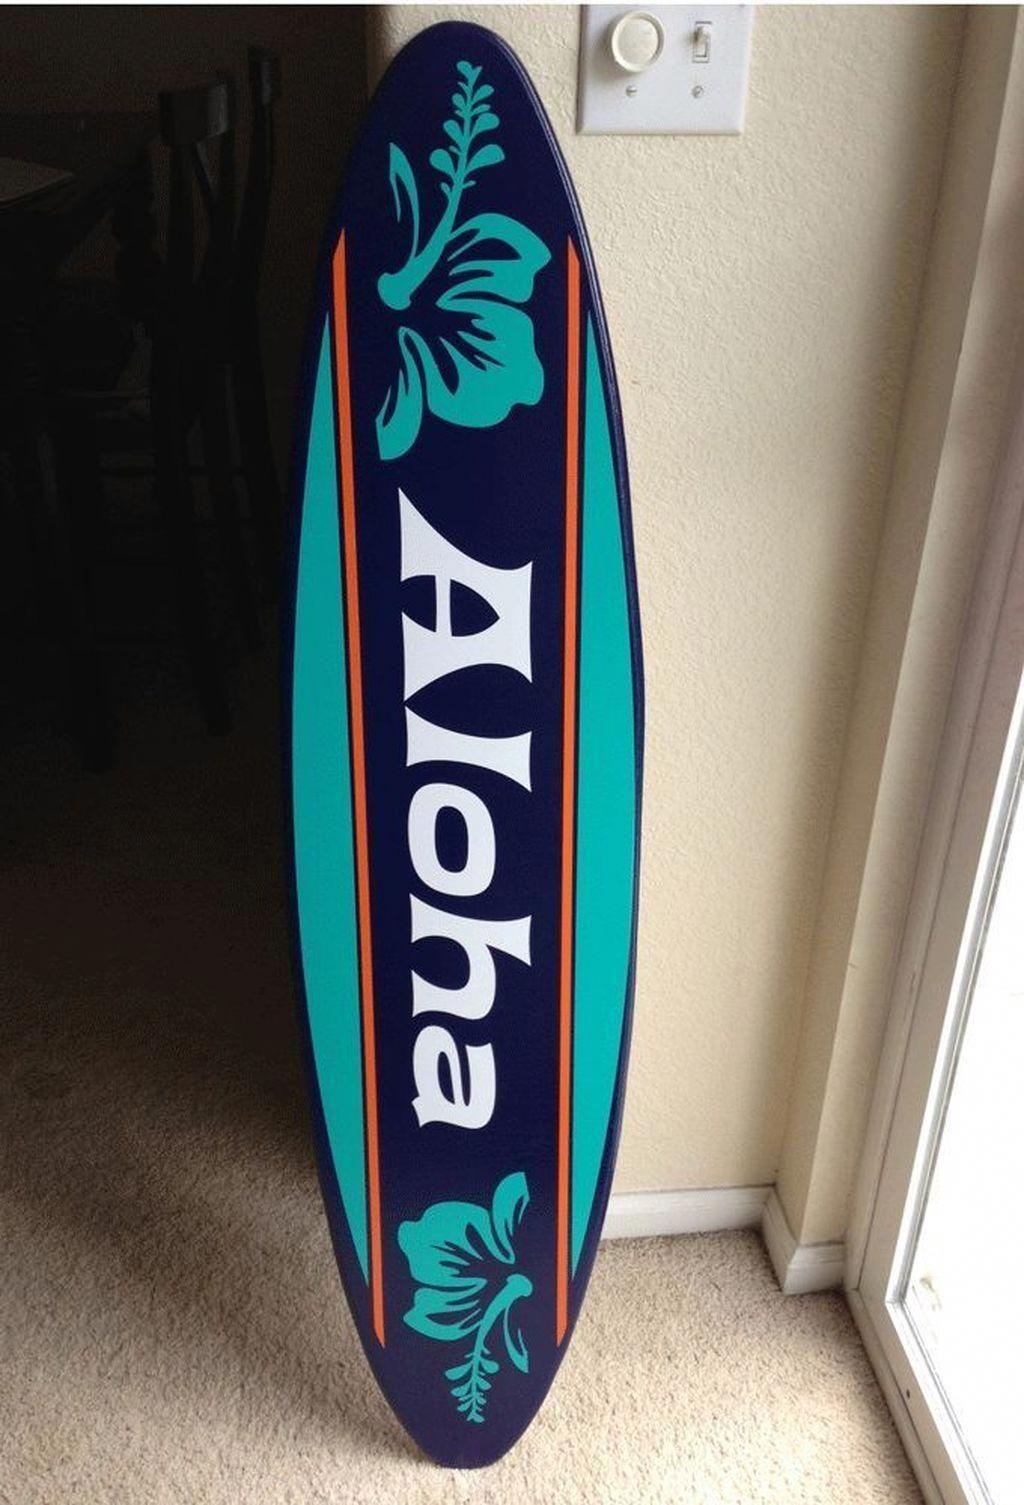 Pin Von Vroniw Auf Holz In 2020 Surfbrett Hawaii Deko Surfen